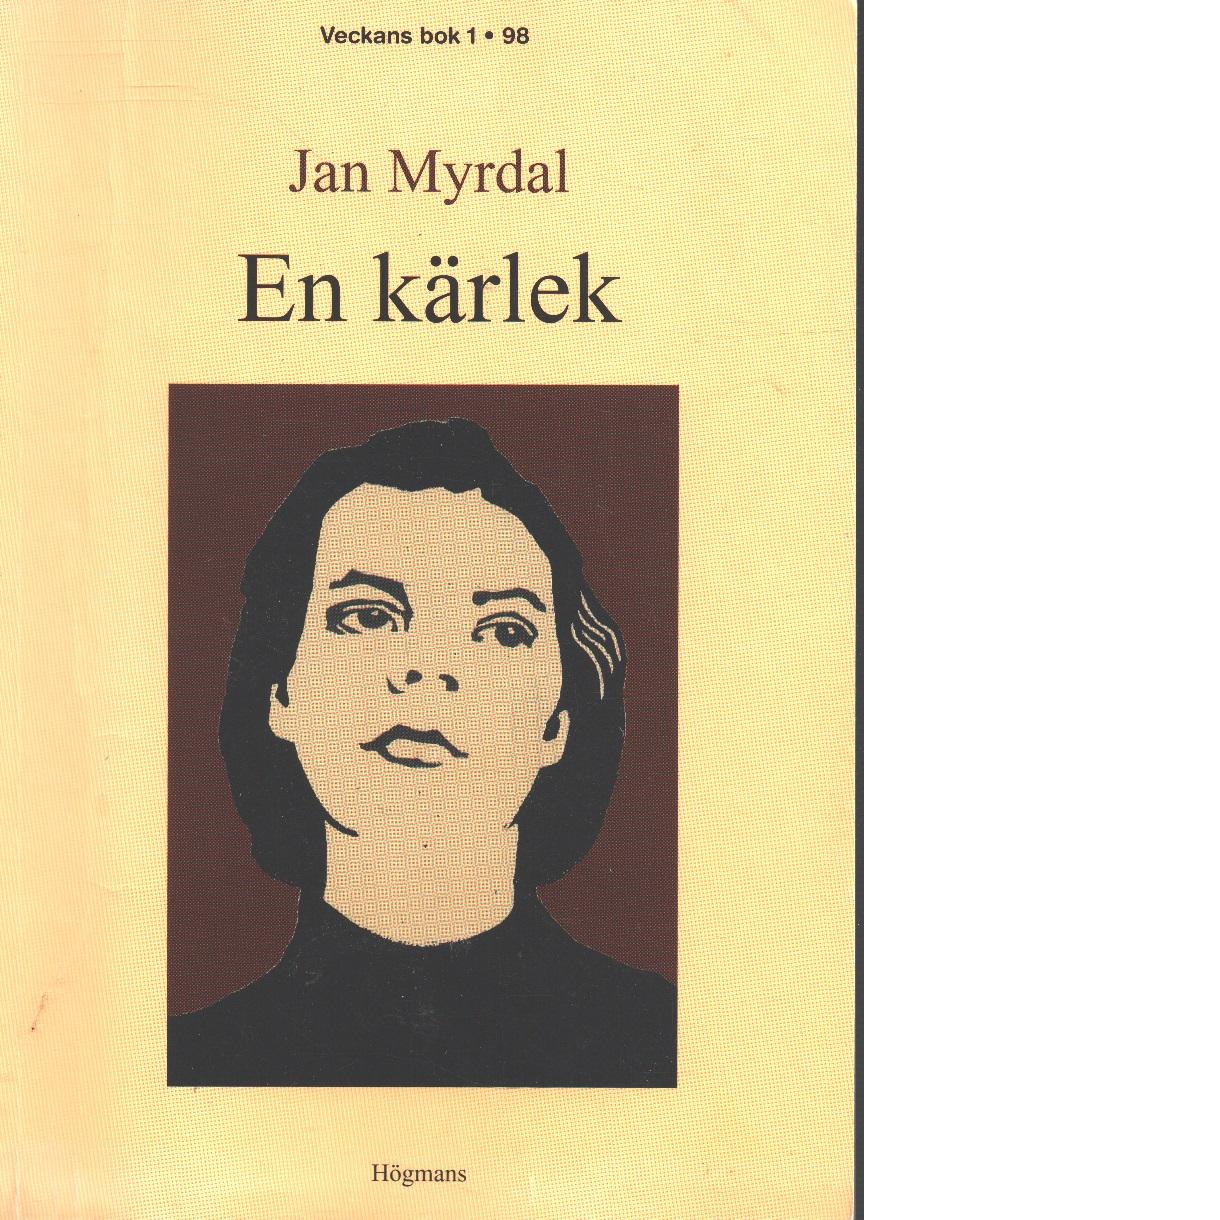 En kärlek : återgranskning 1 - Myrdal, Jan